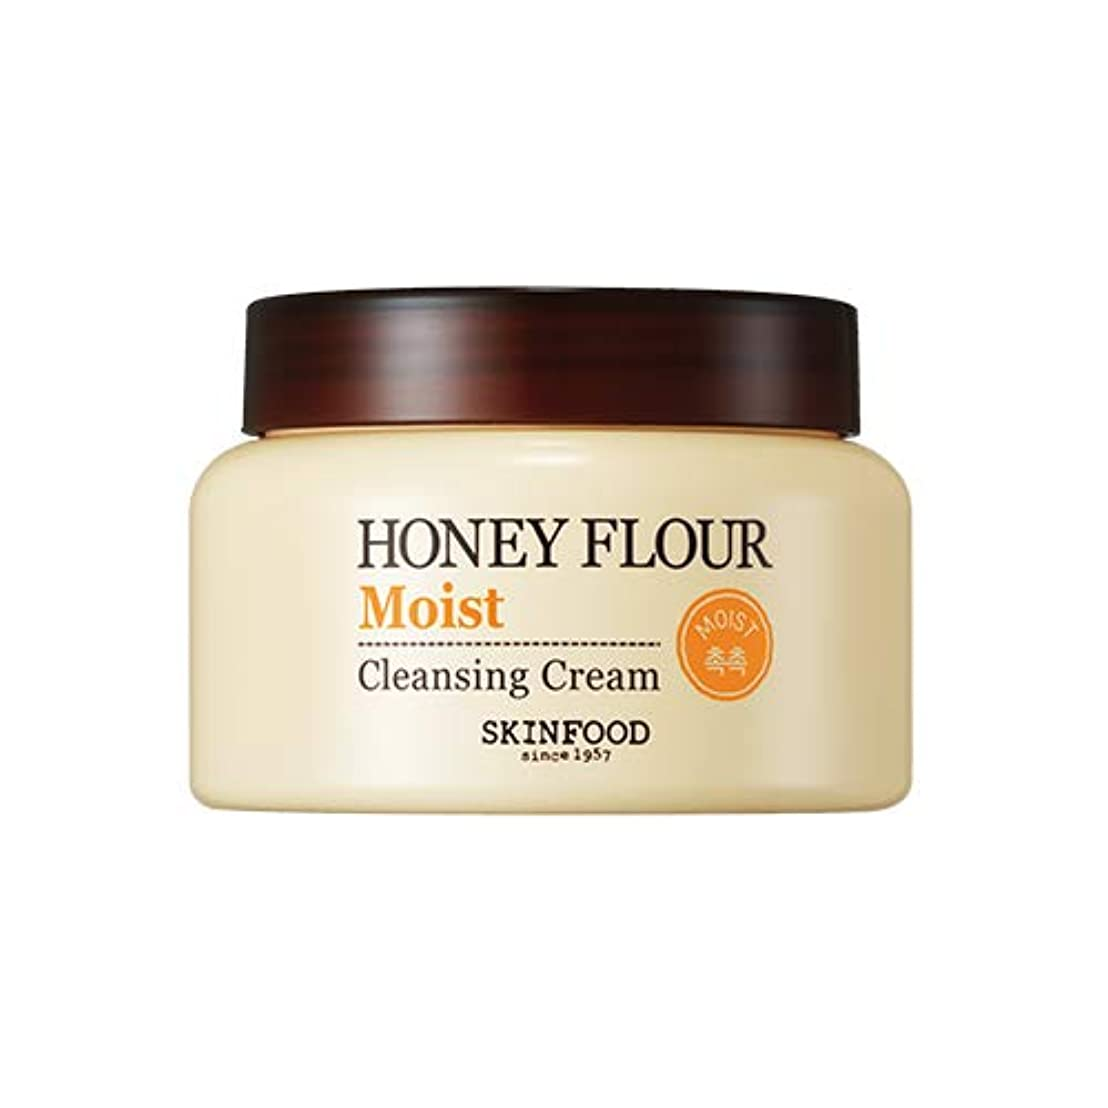 象宿題をするストロークSkinfood/Honey Flour Moist Cleansing Cream/ハニーフラワーモイストクレンジングクリーム/225ml [並行輸入品]